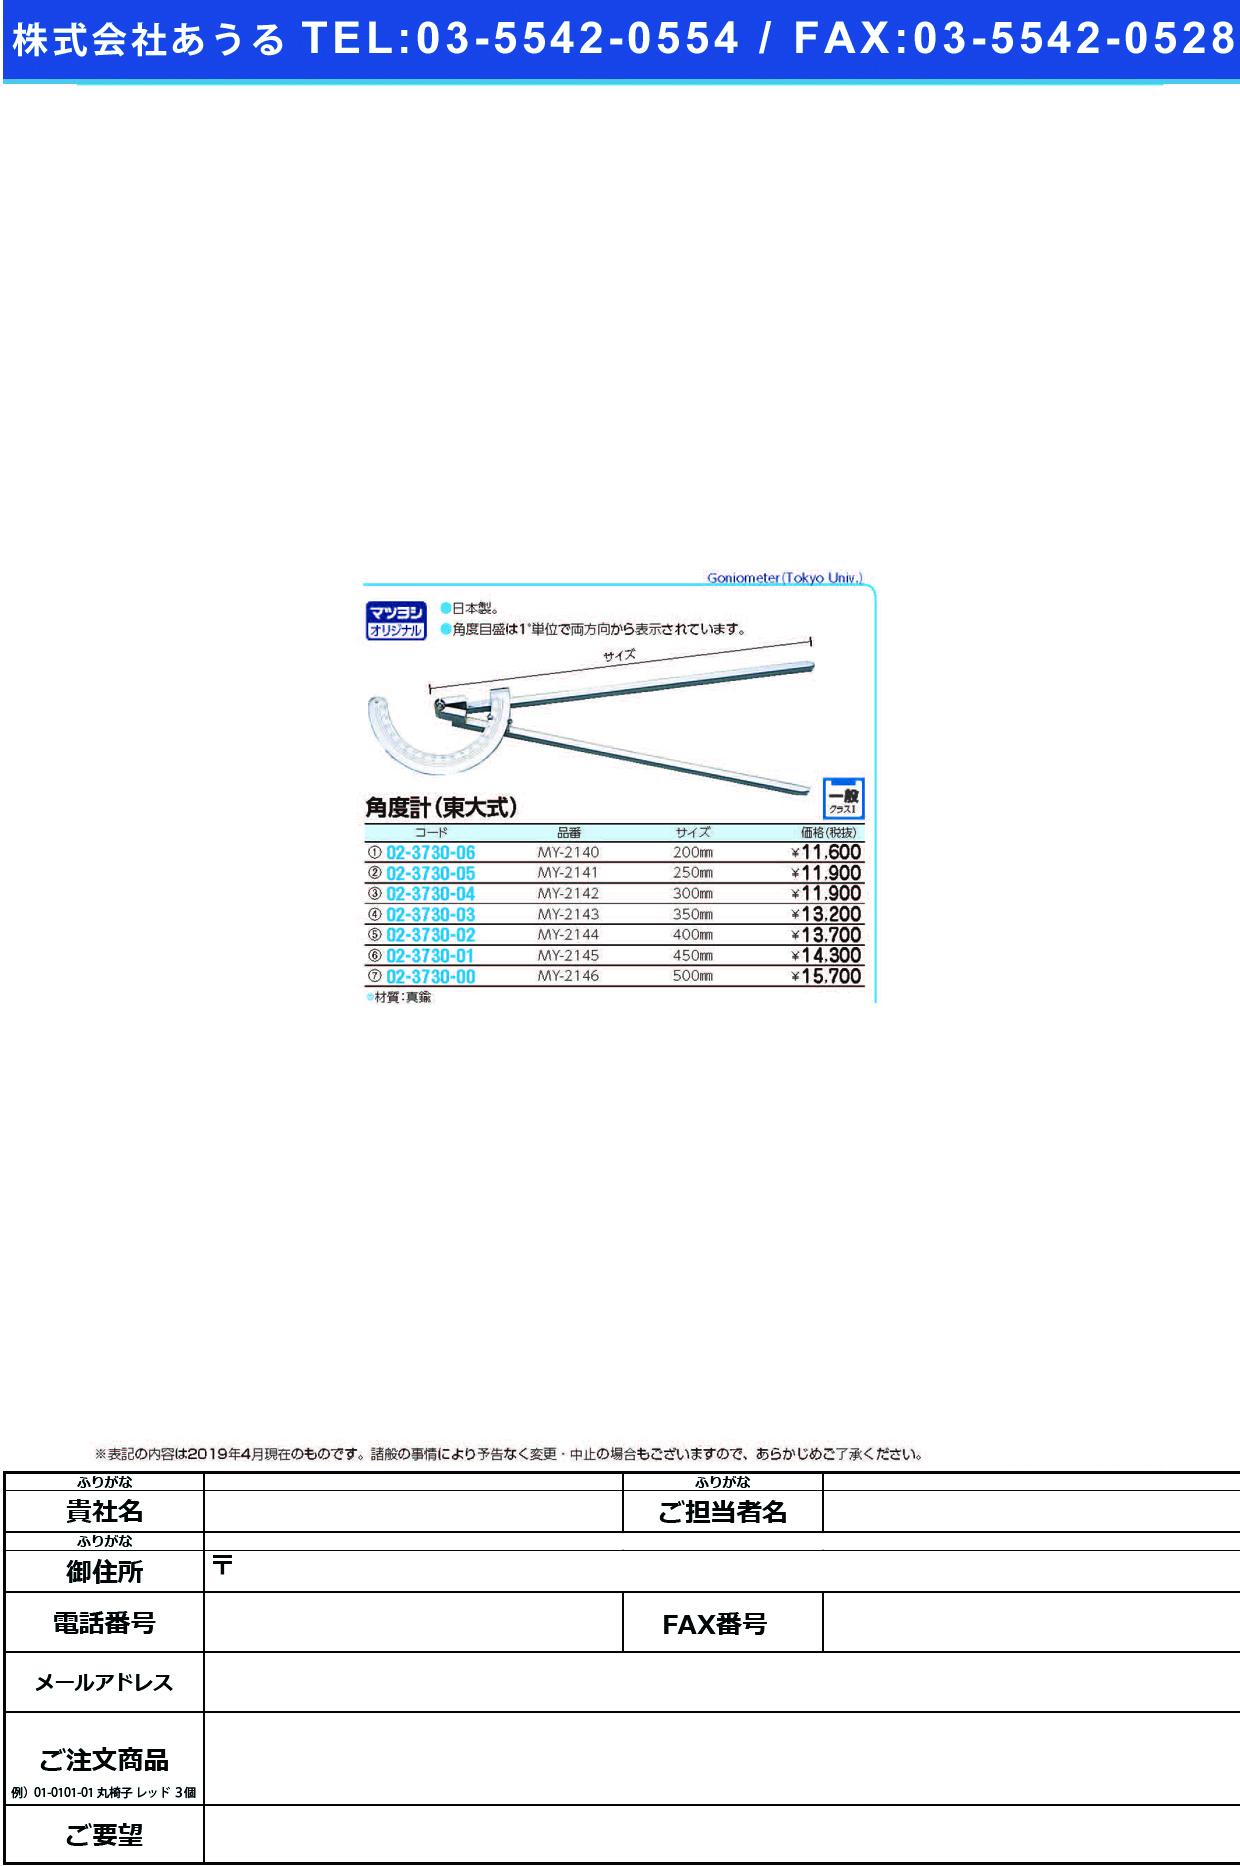 (02-3730-03)角度計(東大式) 350MM カクドケイ【1個単位】【2019年カタログ商品】